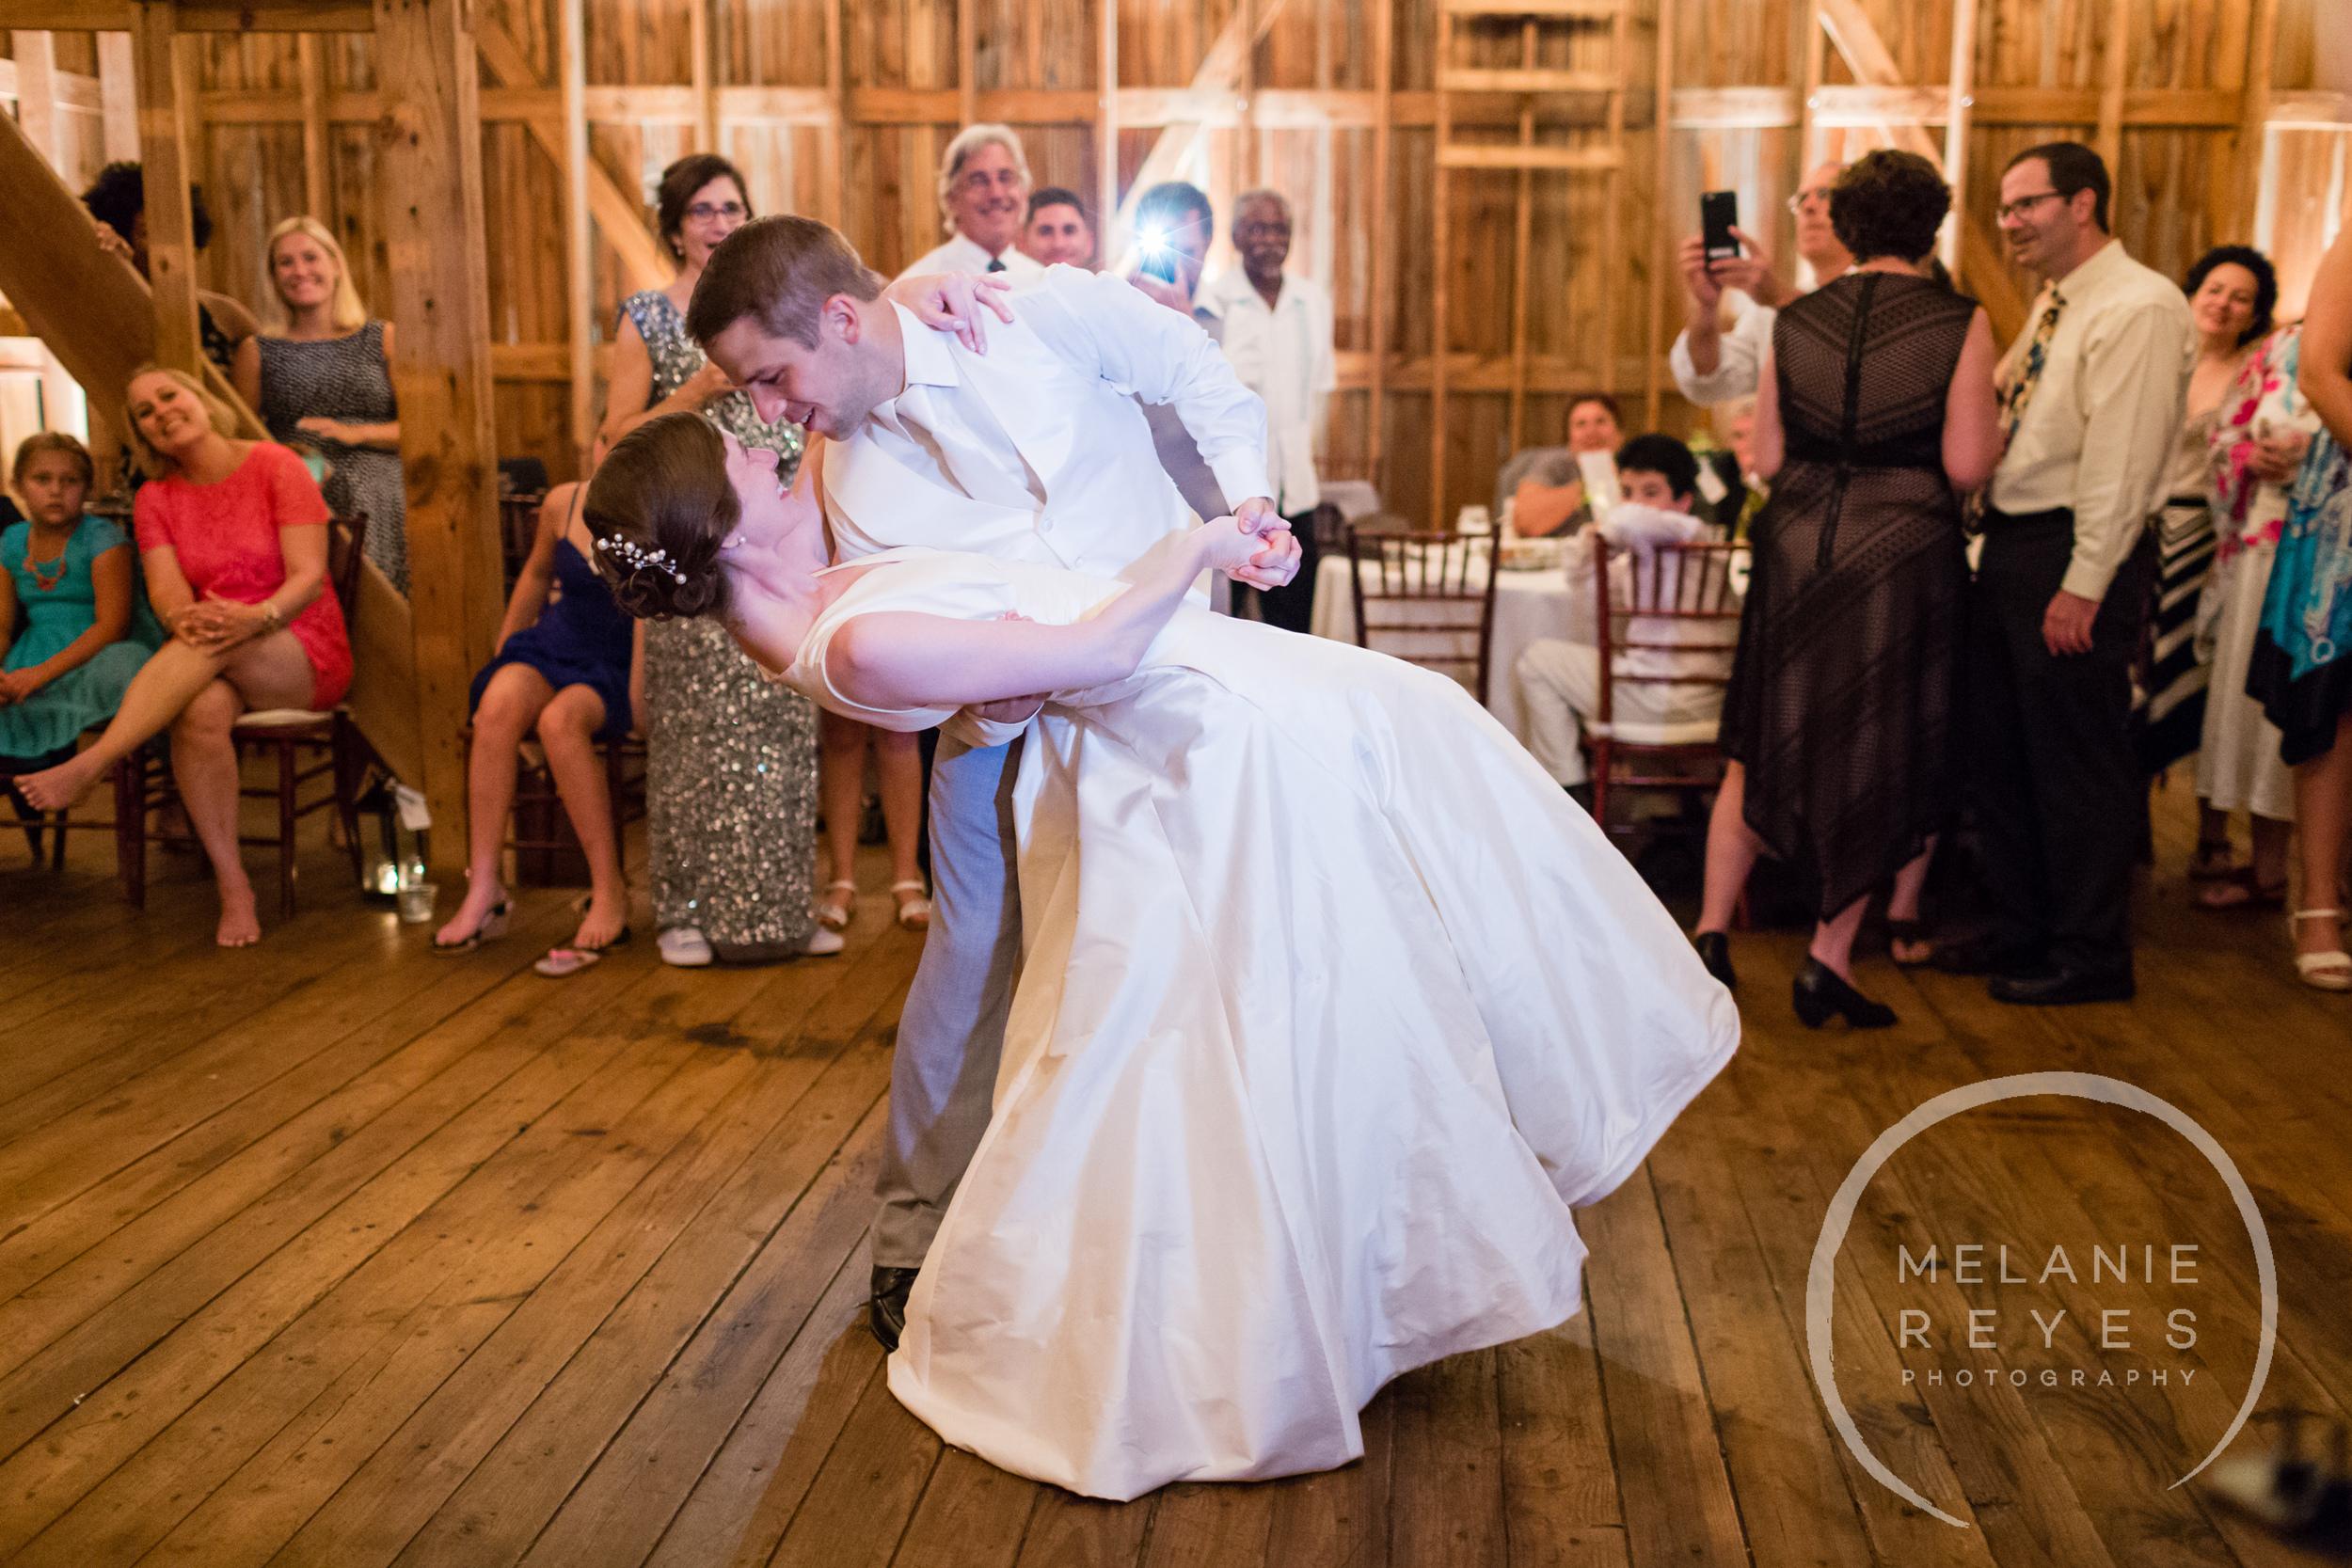 086_farm_wedding_melanie_reyes.JPG